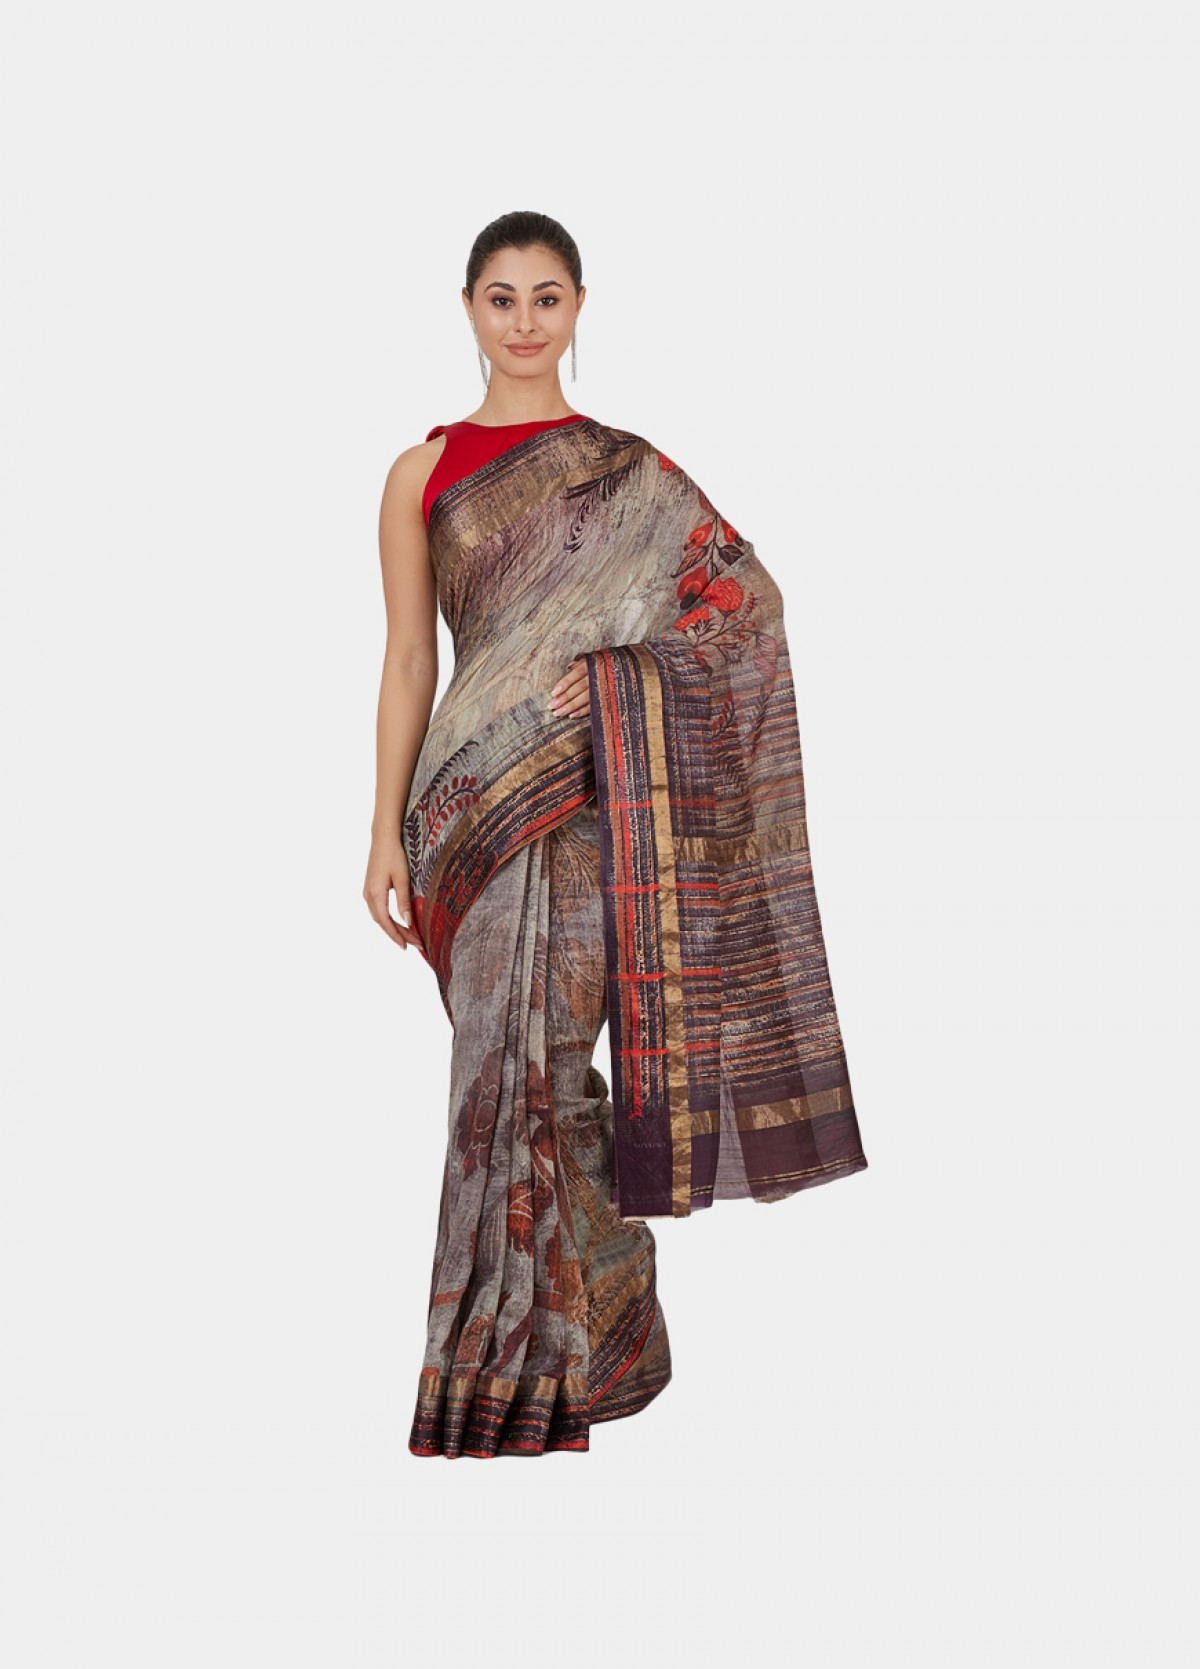 The Kalamkari Sari